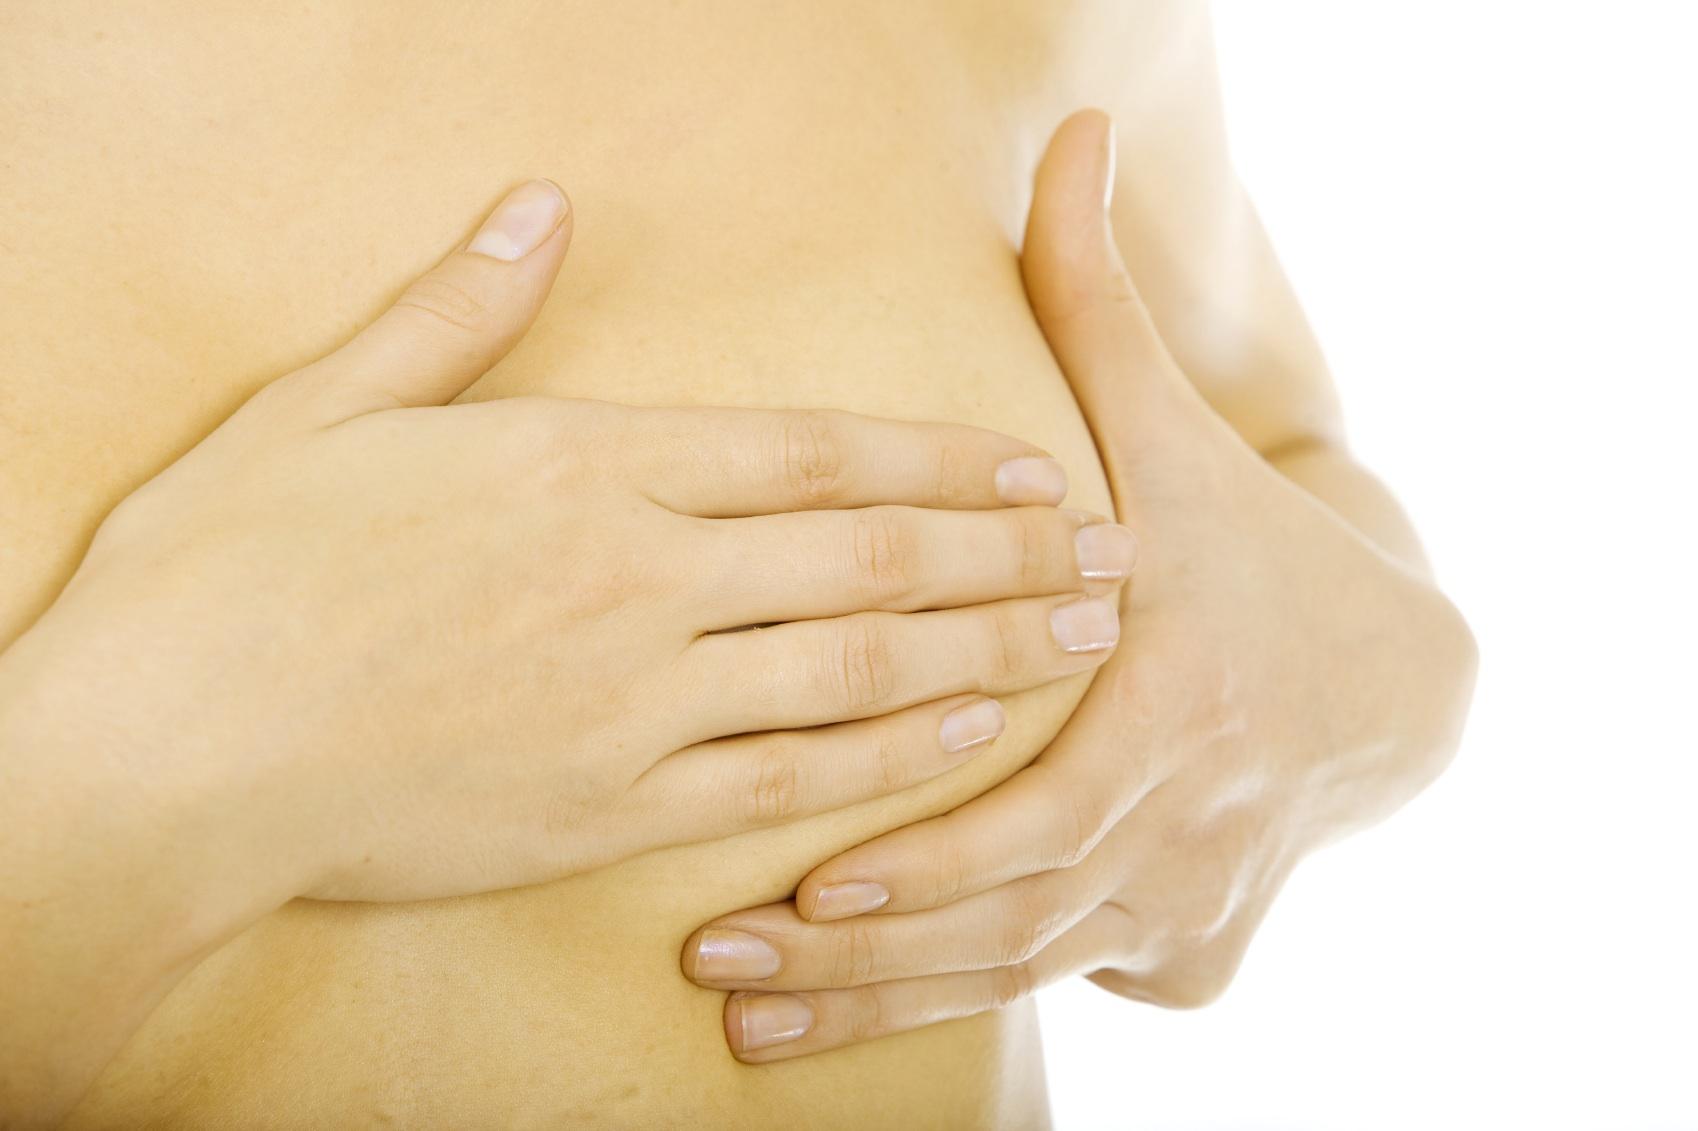 810e50d34 ... vám umožní určiť rakovinu prsníka na vlastnú päsť v ranom štádiu.  Kontrola nie je dlhšia ako 5 minút, ale môže zachrániť životy alebo sa  vyhnúť vážnym ...